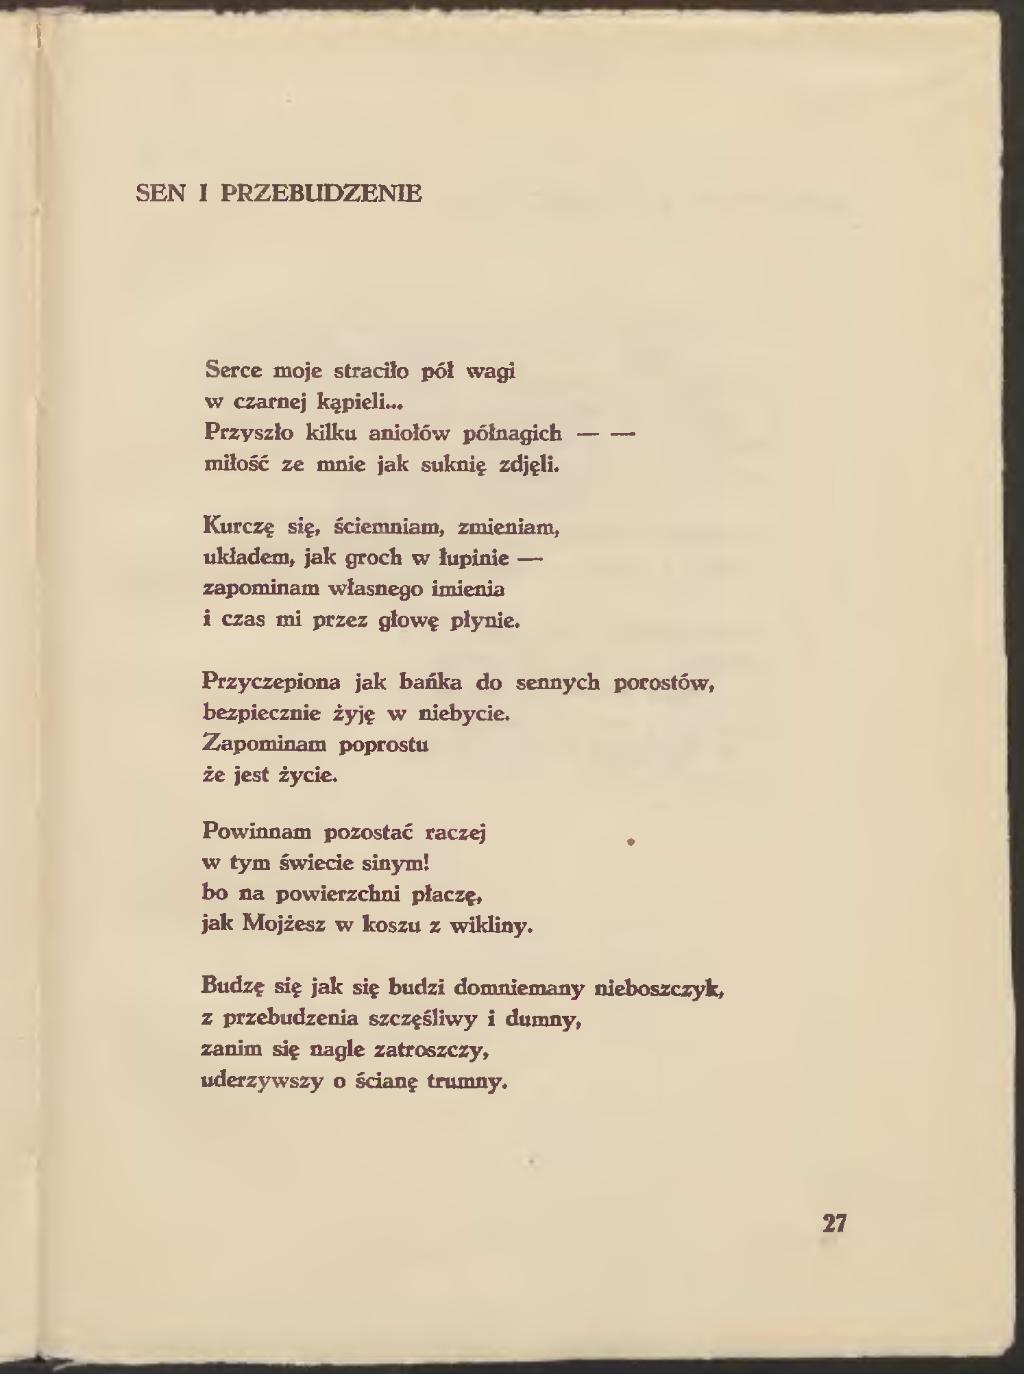 Stronamaria Pawlikowska Jasnorzewska Surowy Jedwabdjvu